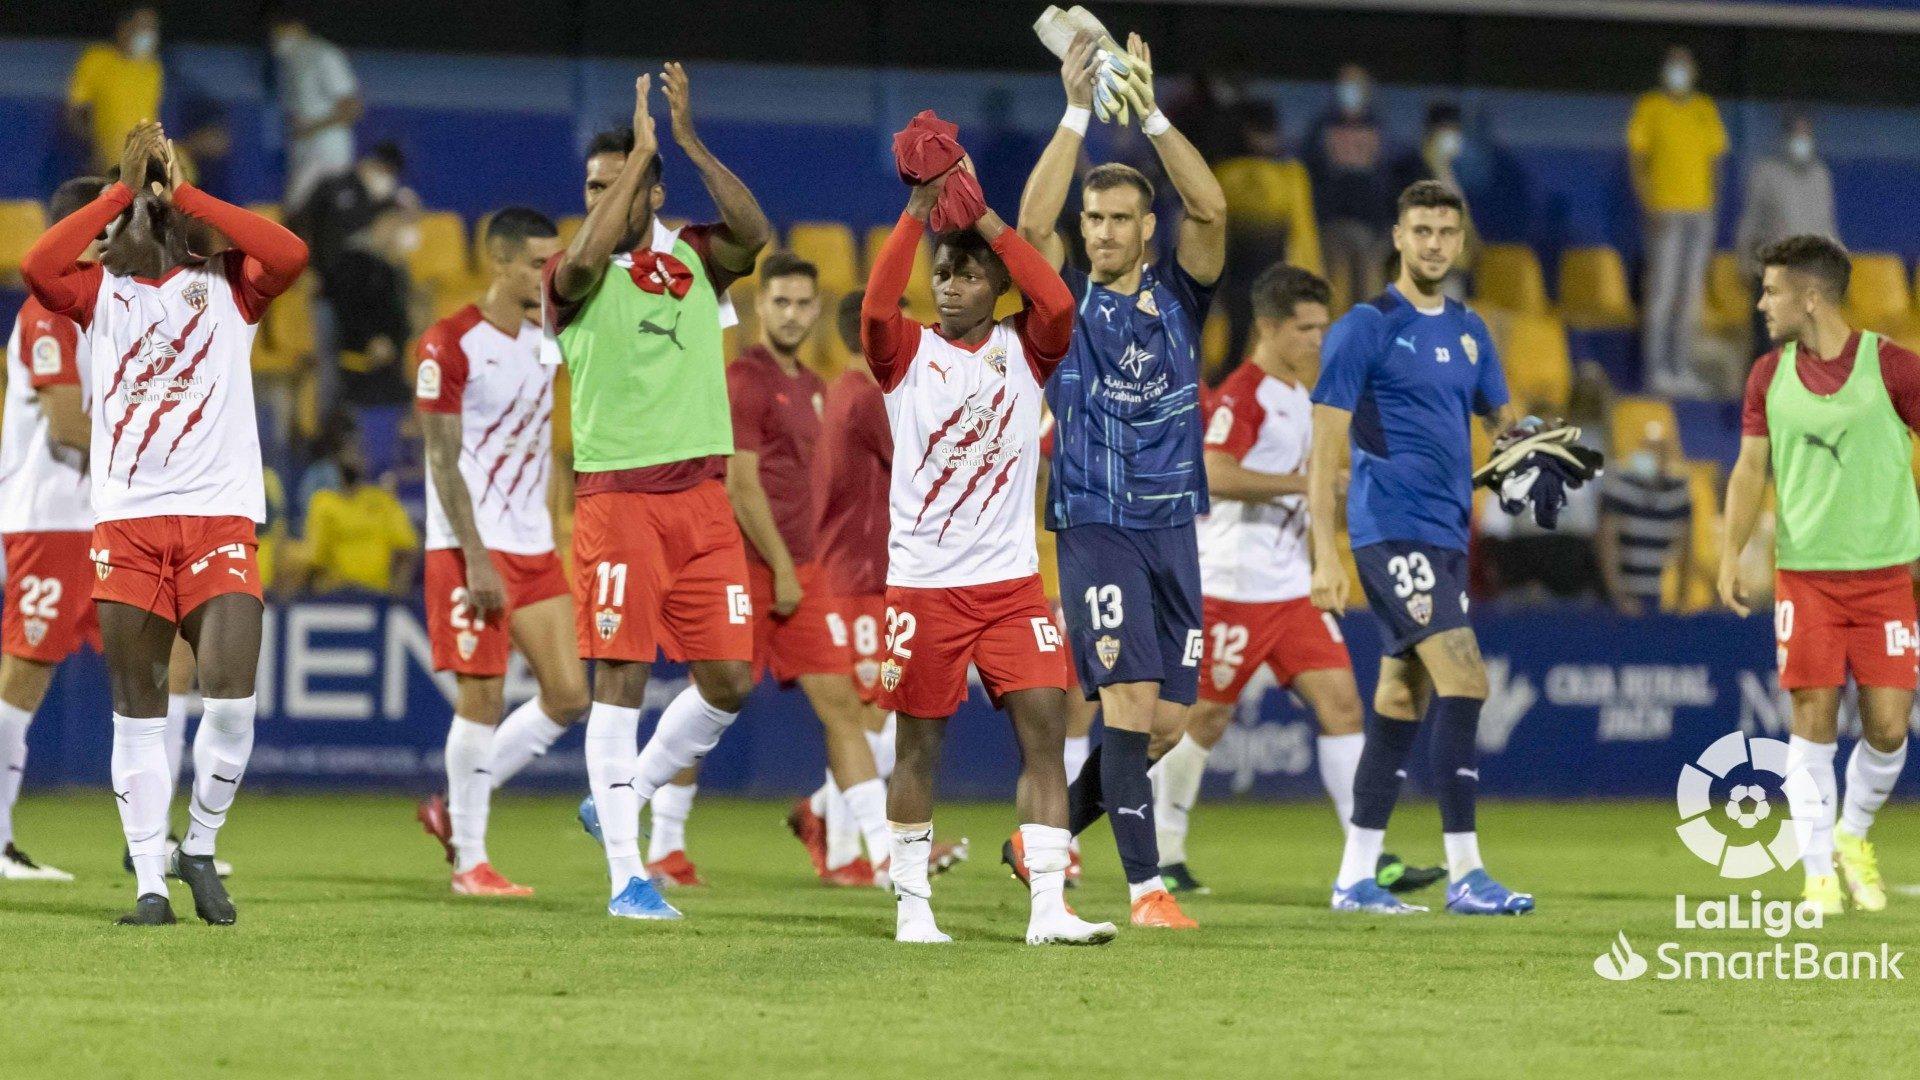 VÍDEO BLOG #Minuto92 En Alcorcón, cambios de actitud… y de jugadores